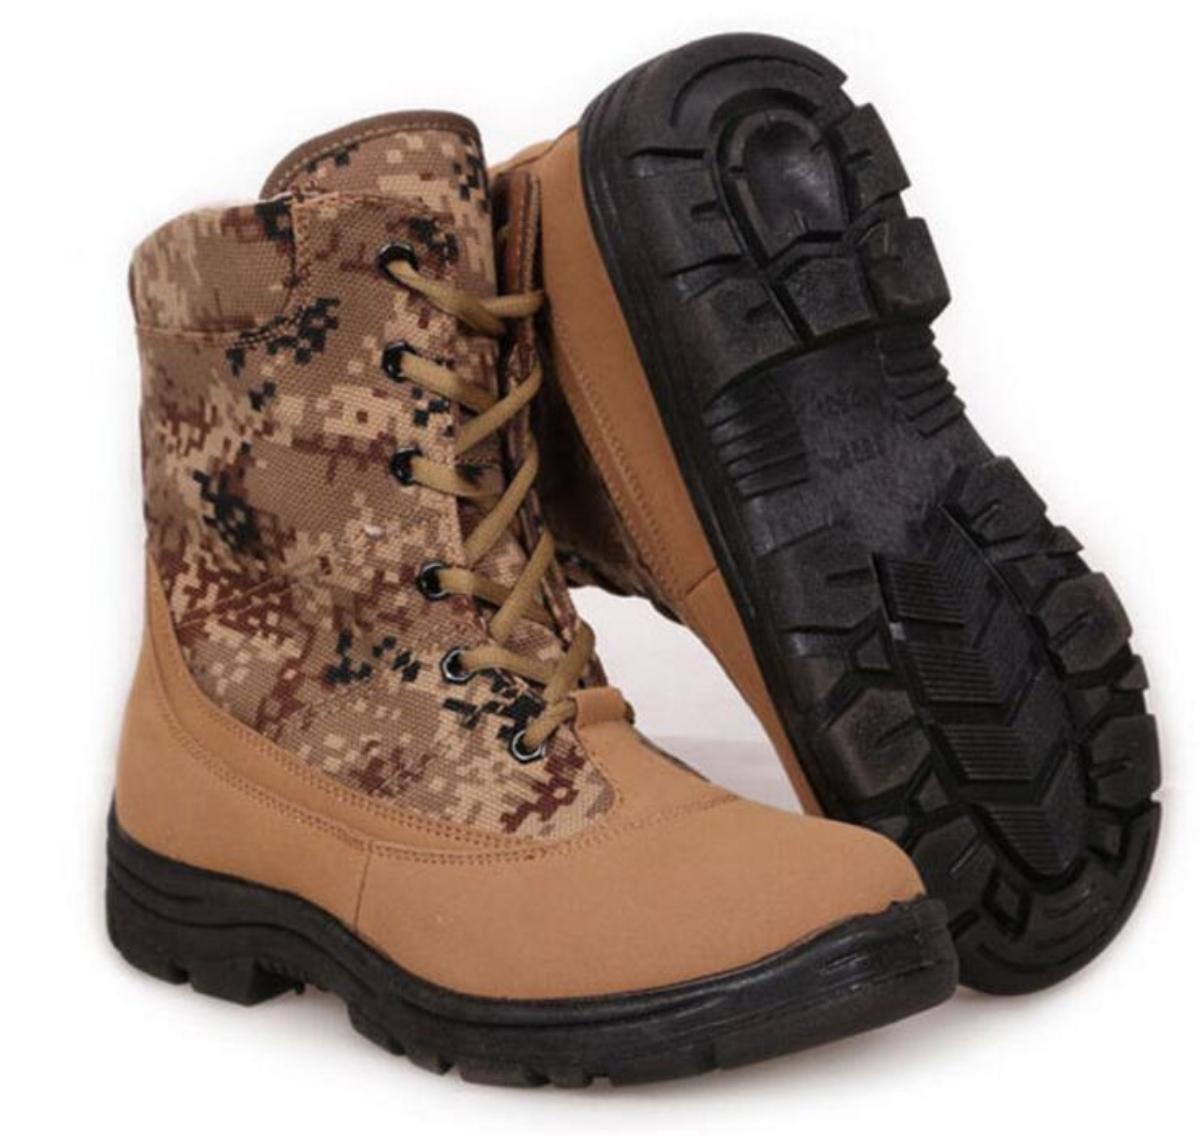 online store 1453c 69c00 Herbst Winter Herren Warm Schuhe Schnee Schnee Schnee ...